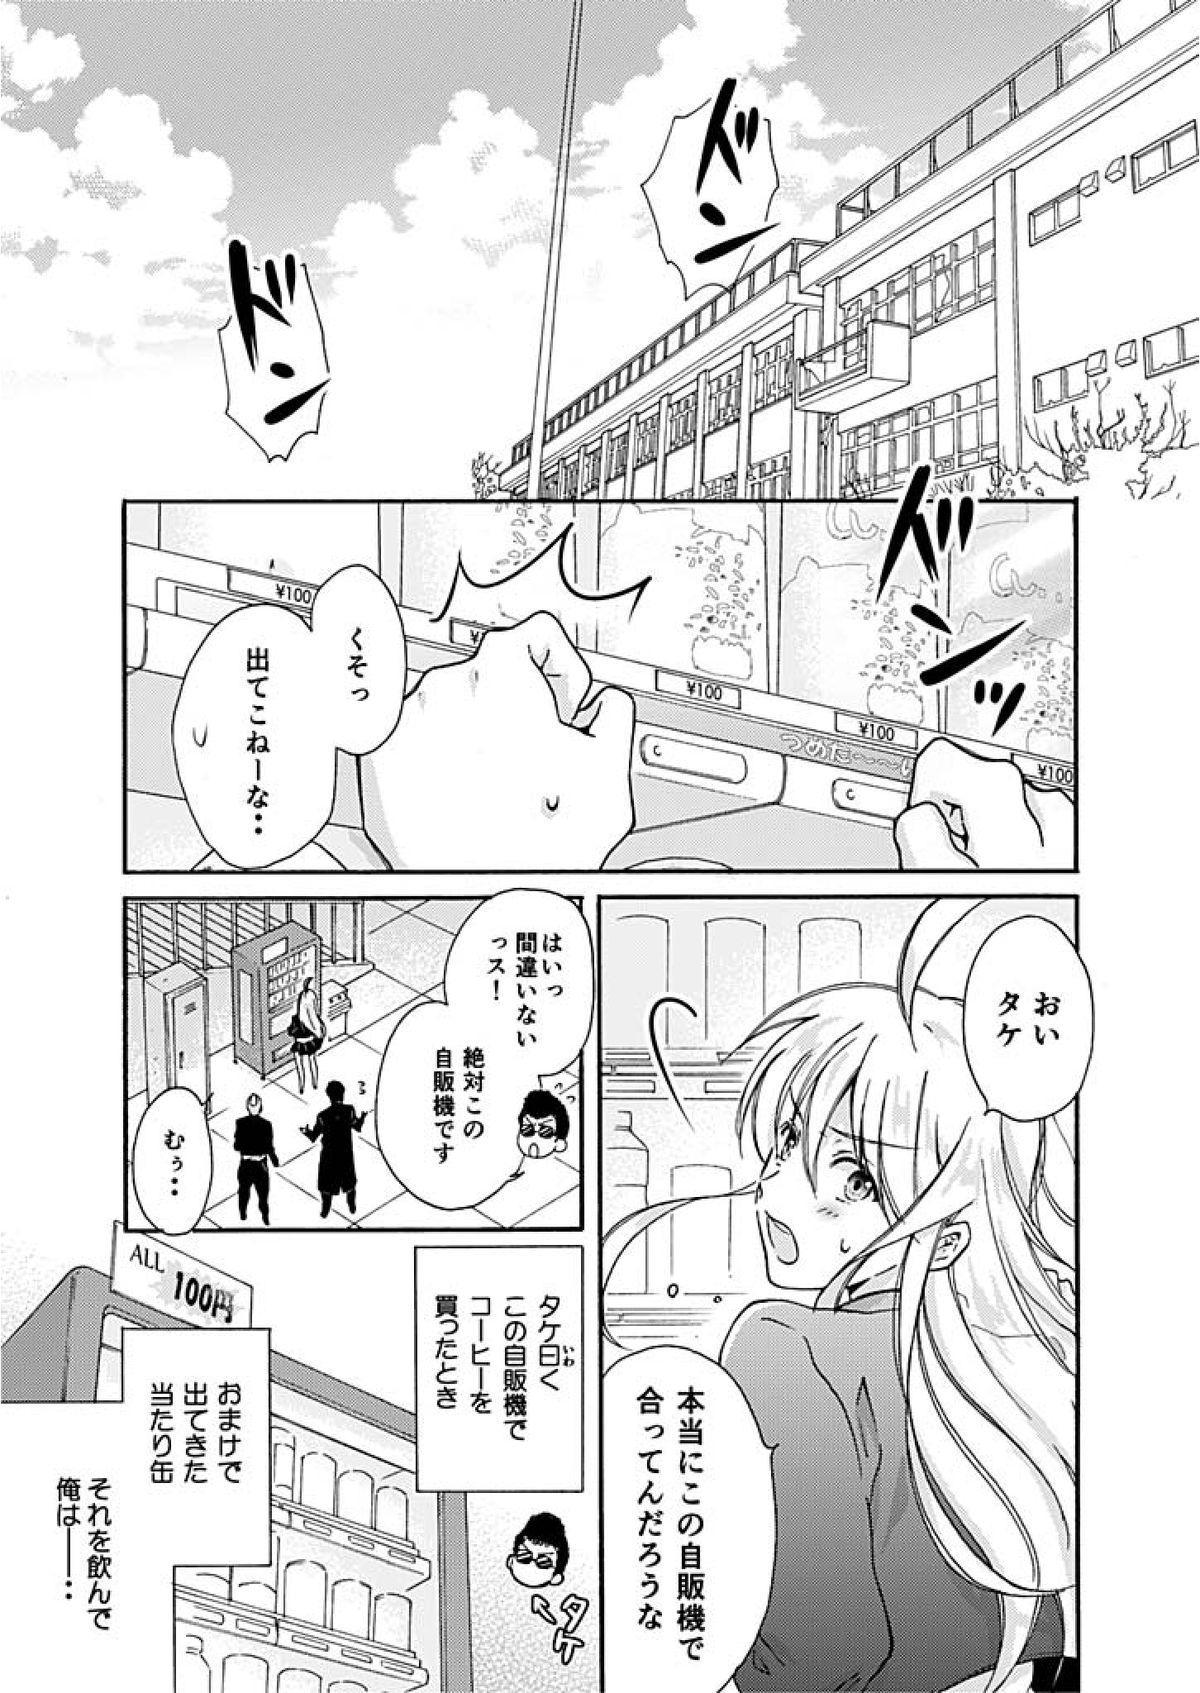 Nyotaika Yankee Gakuen ☆ Ore no Hajimete, Nerawaretemasu. 2 1